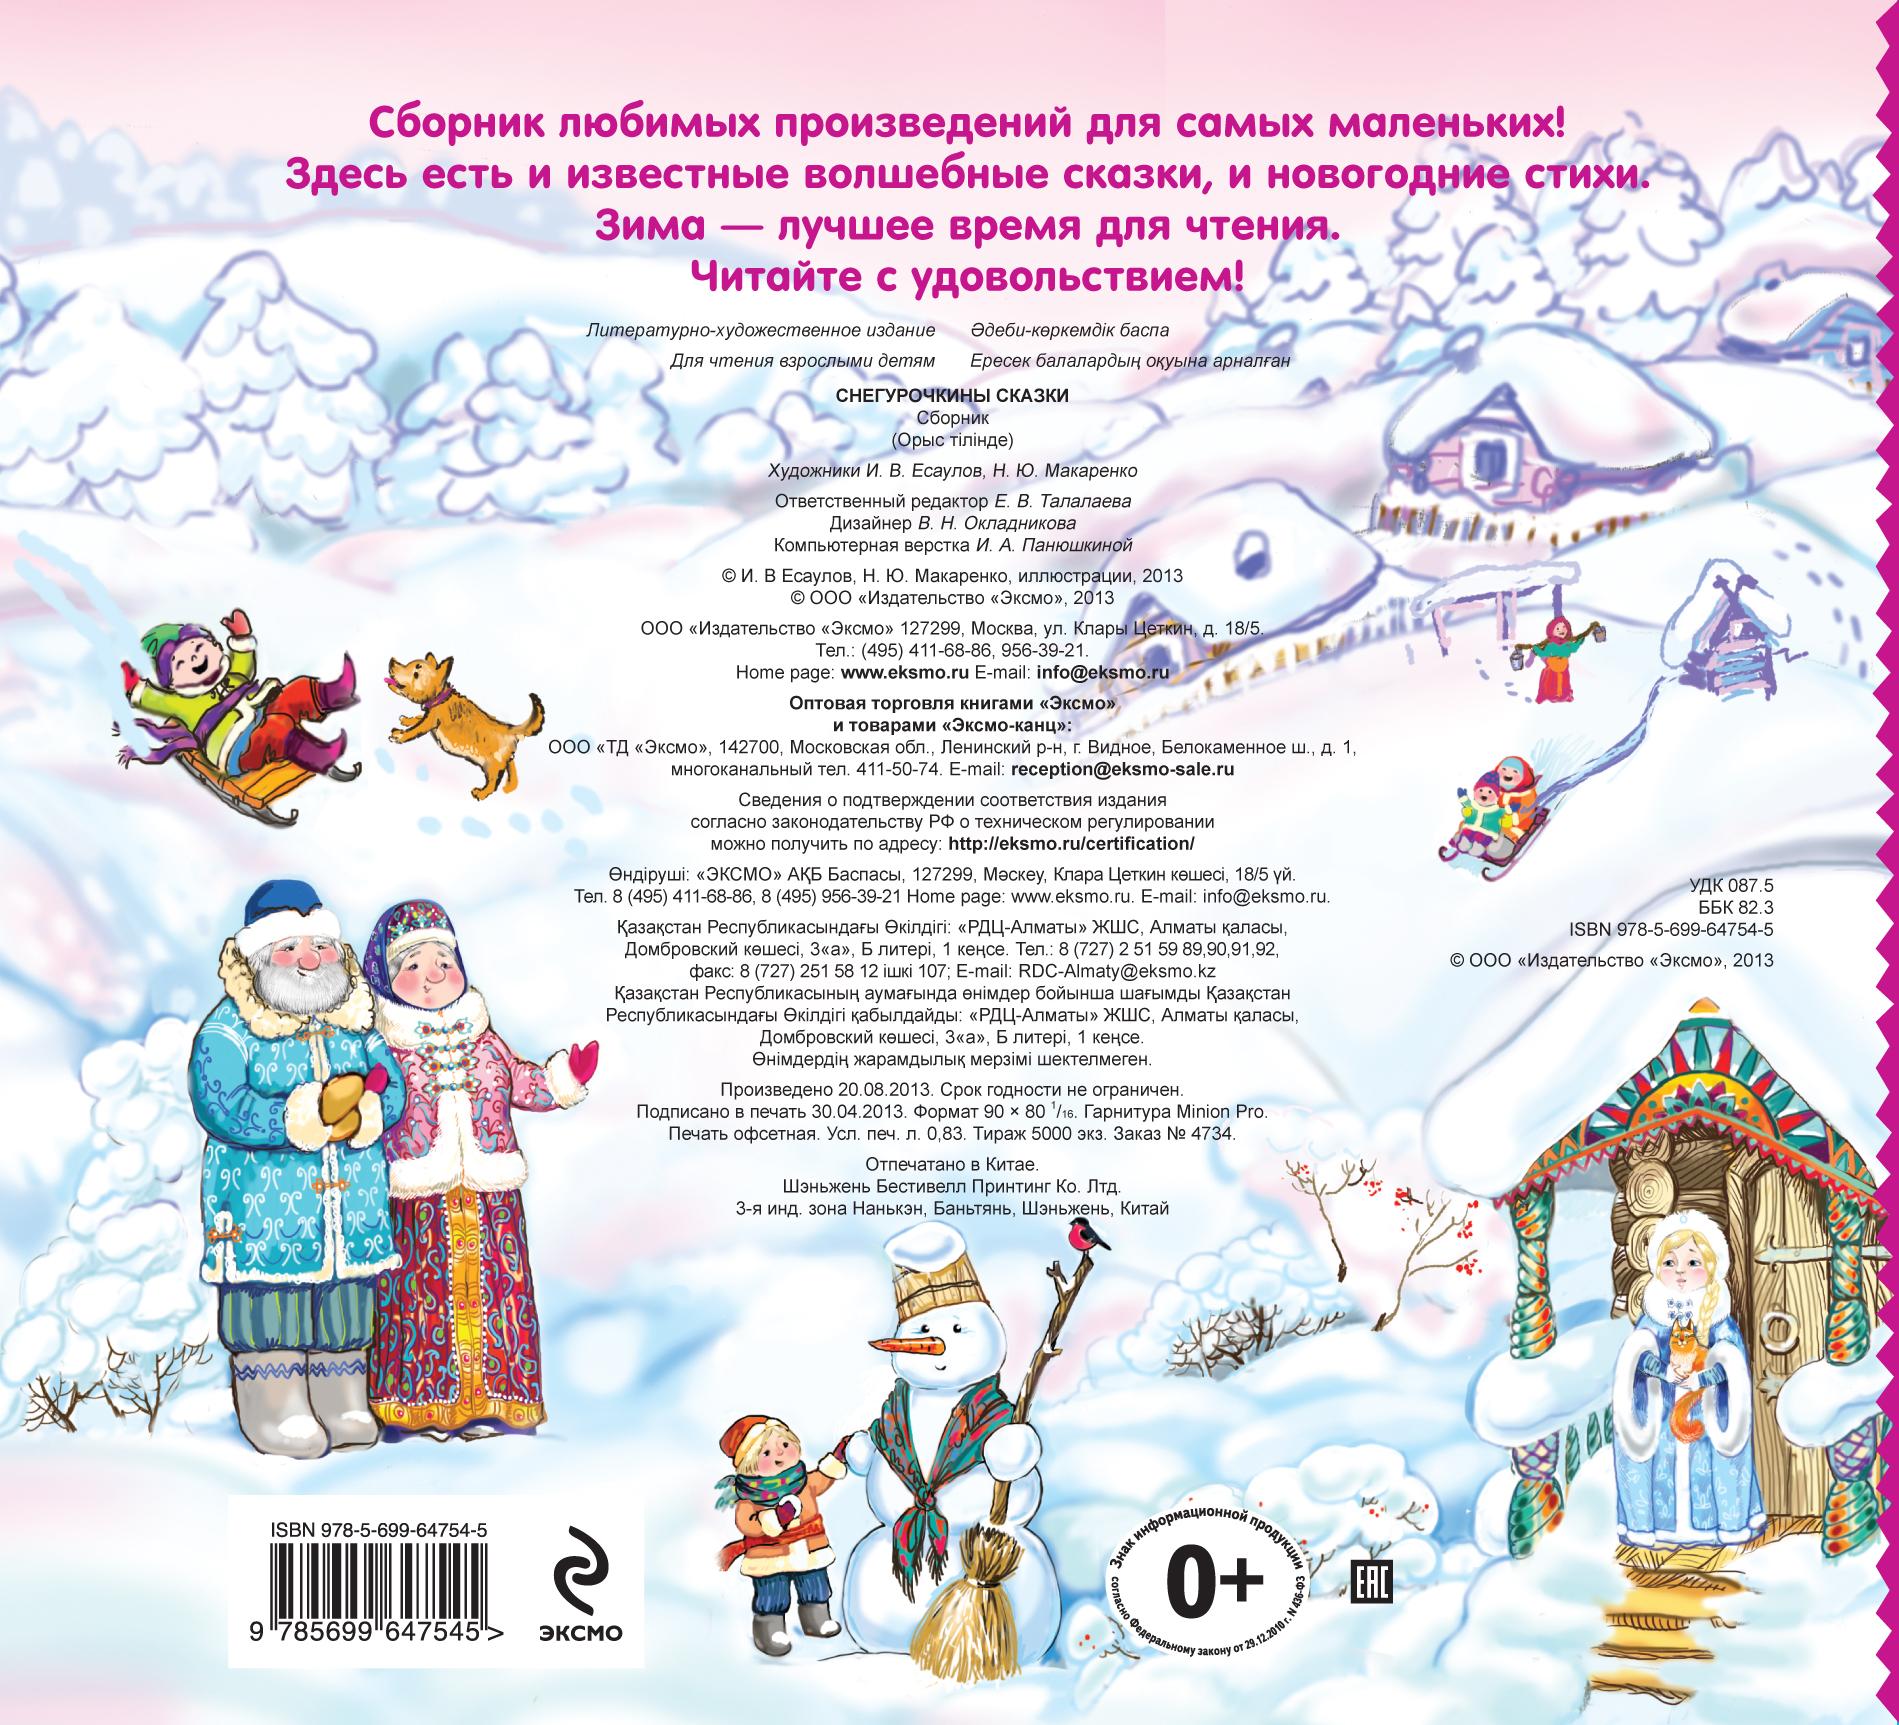 Снегурочкины сказки